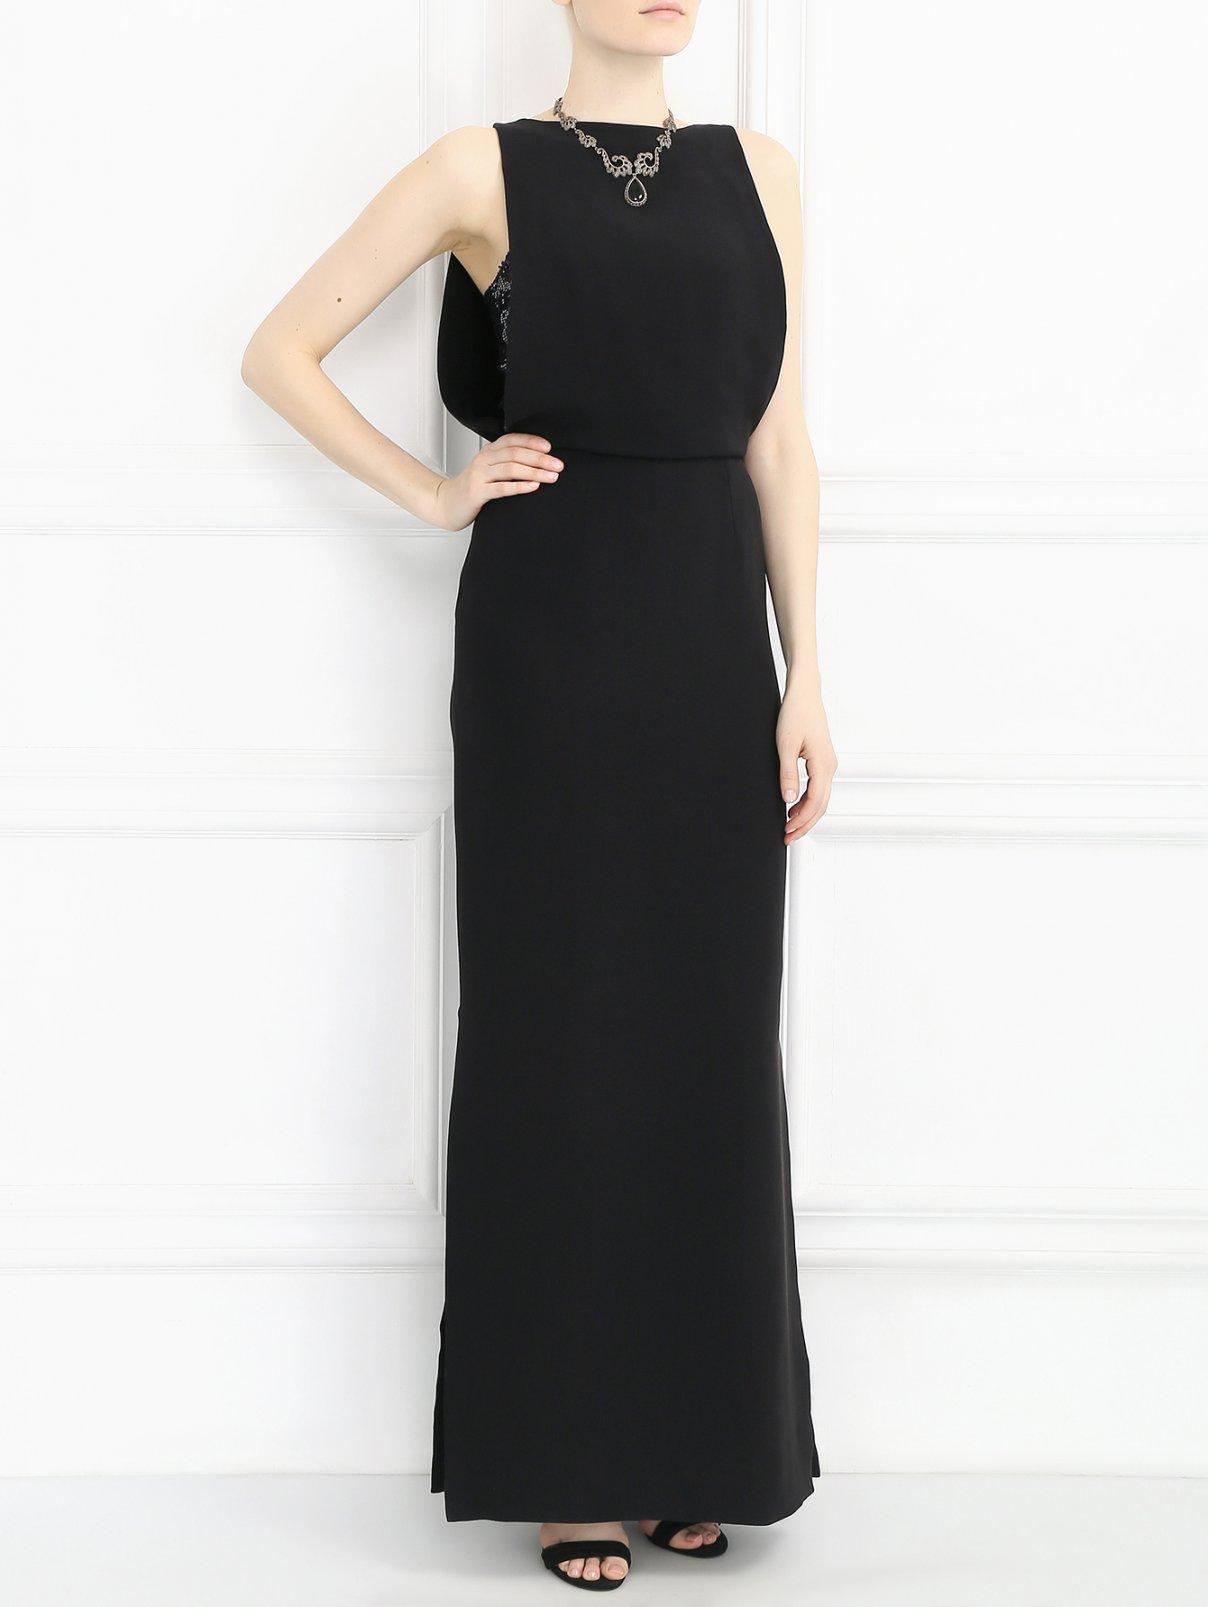 Платье-макси из шелка декорированное пайетками Yves Salomon  –  Модель Общий вид